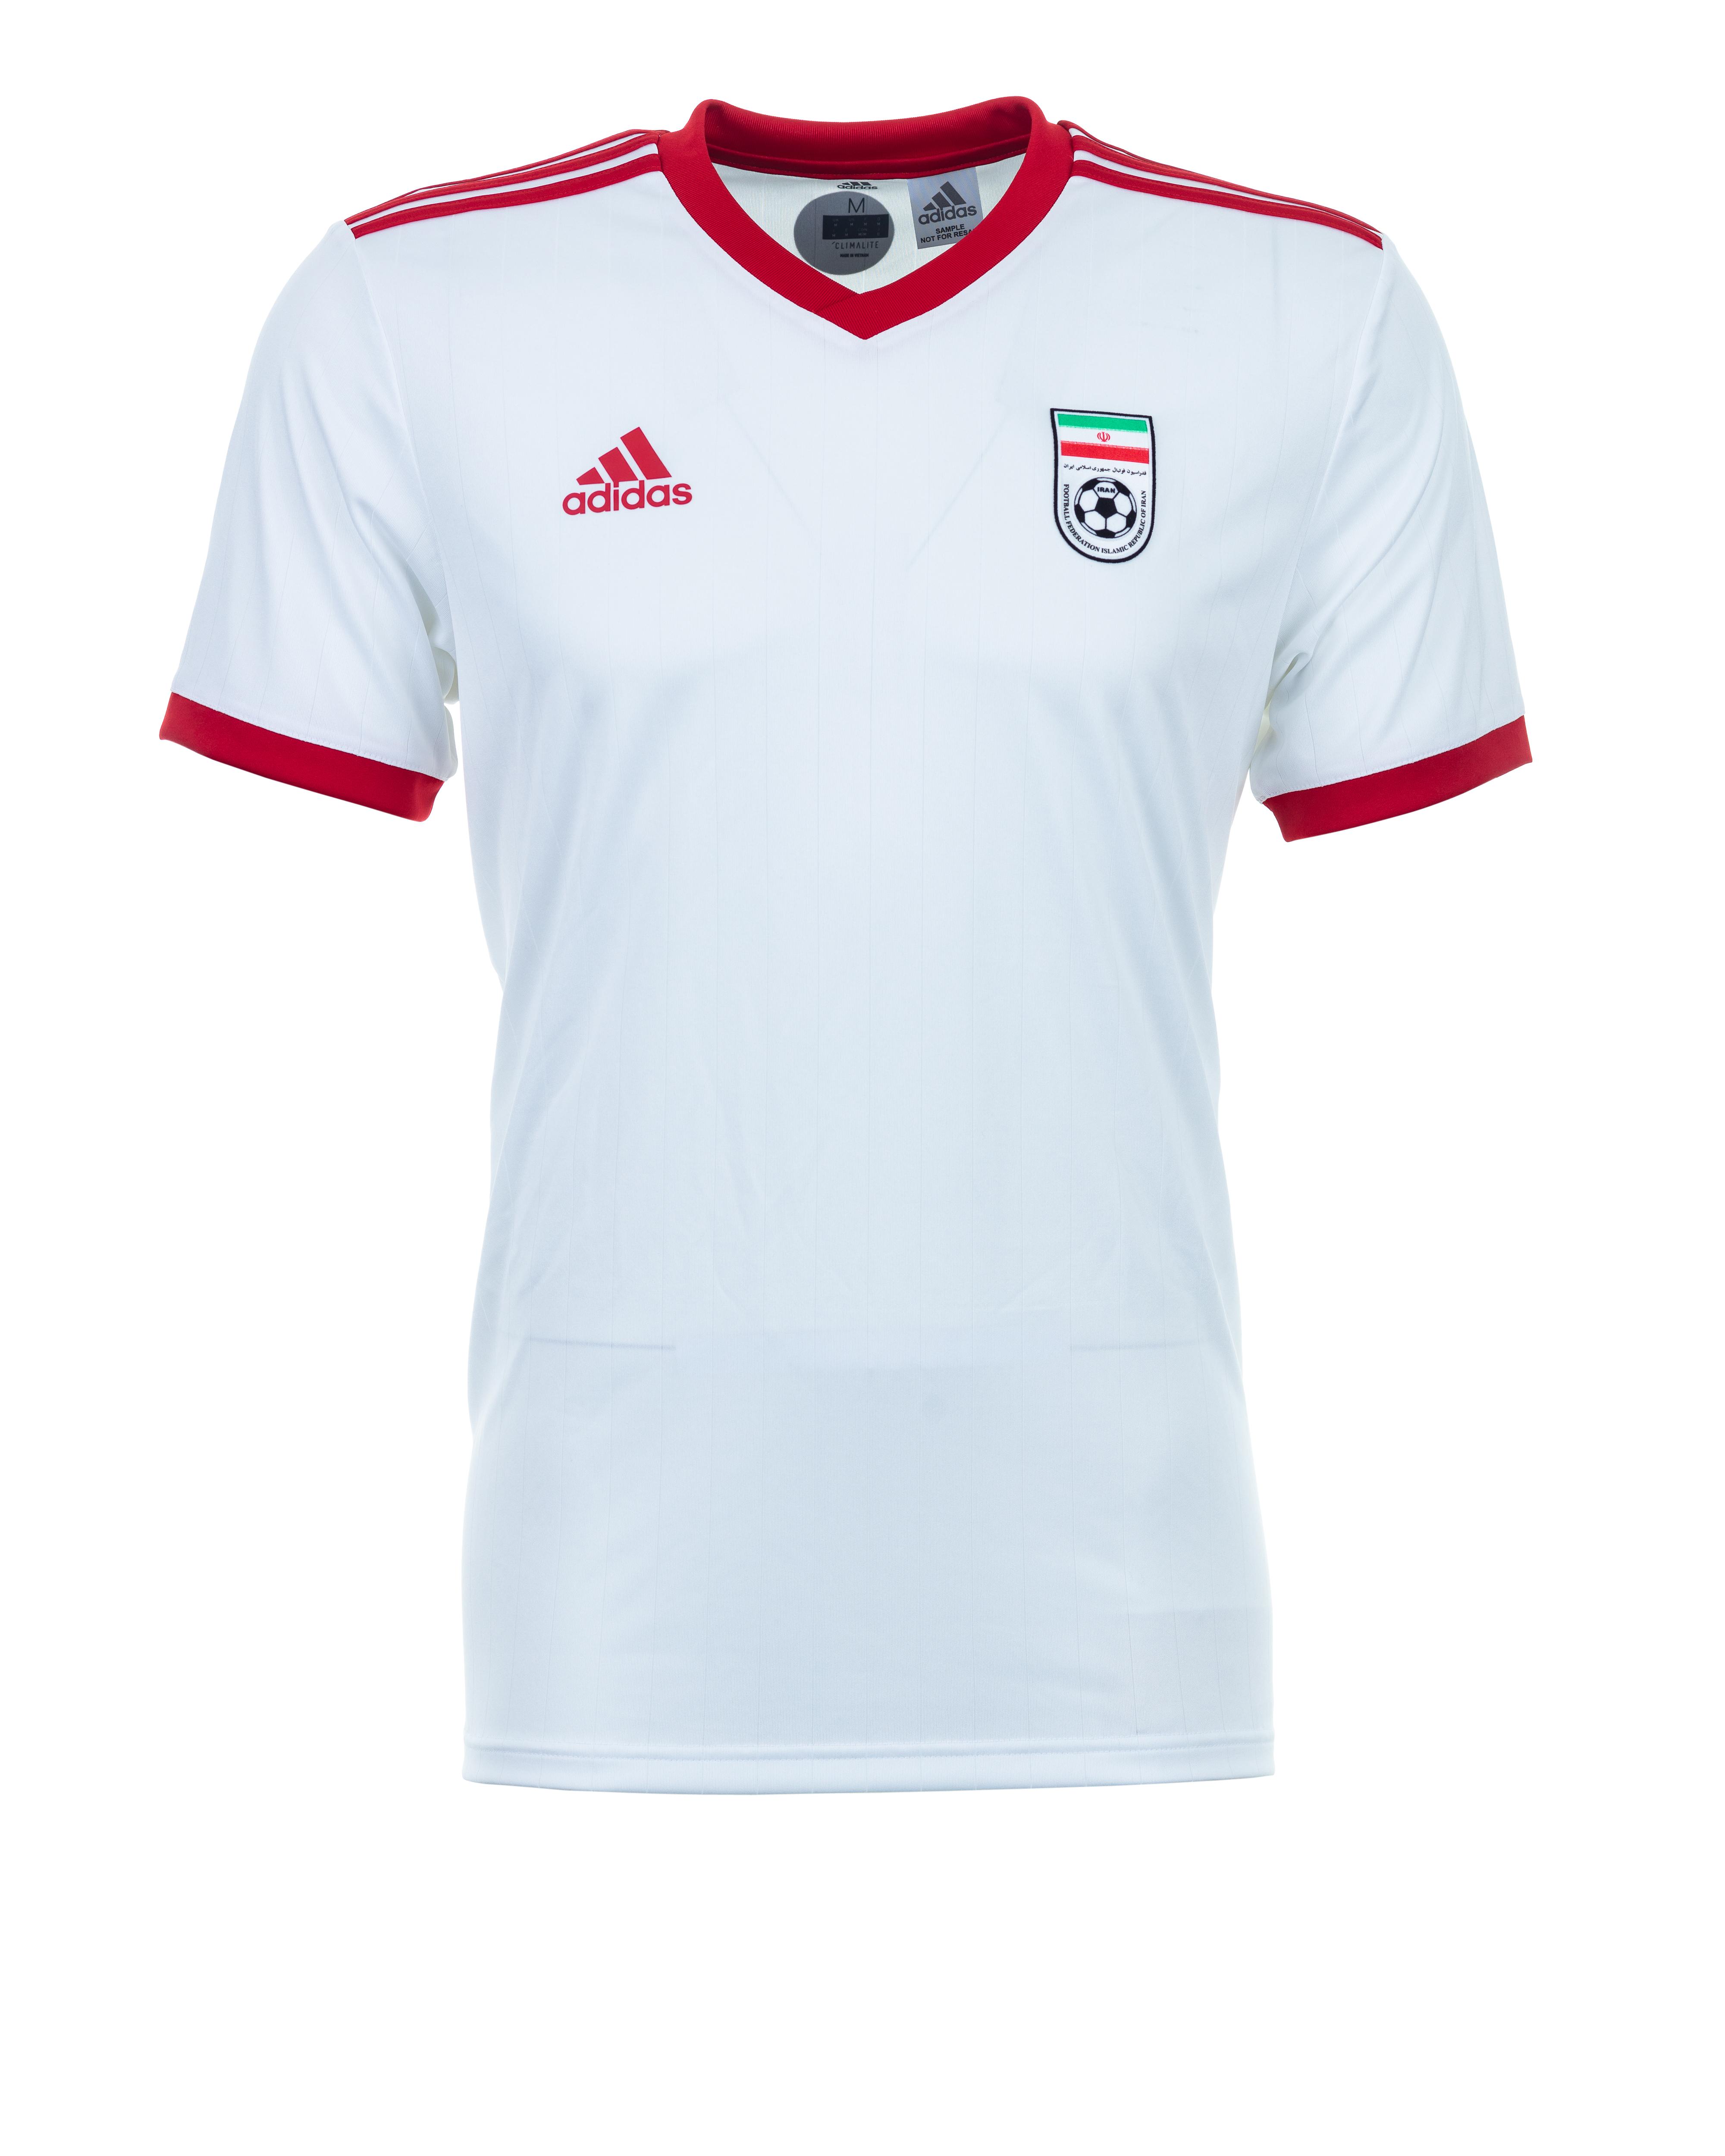 Veja as camisas de seleções da Copa do Mundo que são  impossíveis ... 34c4fe4d19f8a